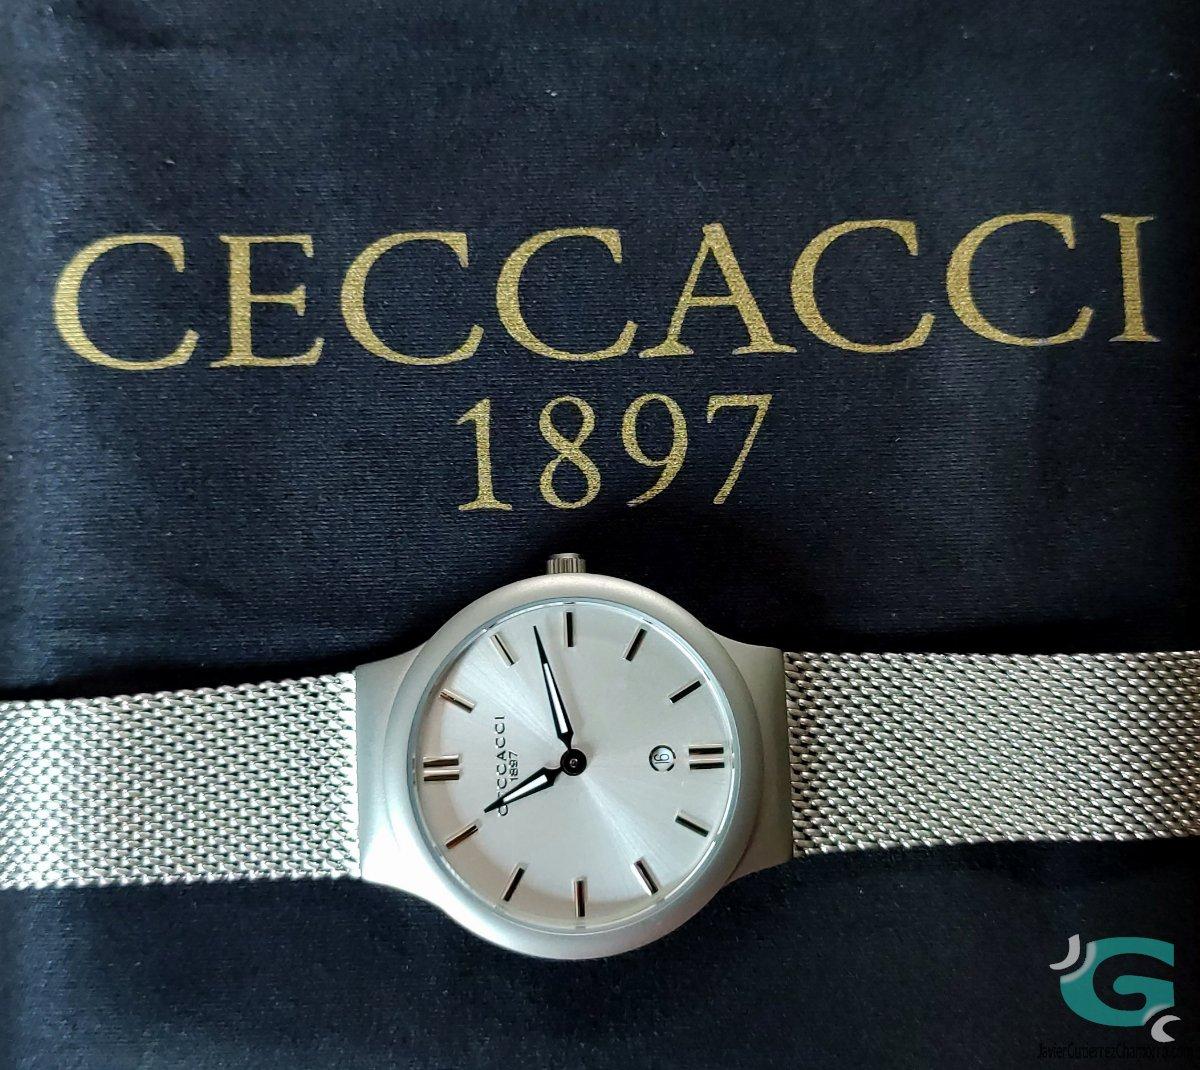 Ceccacci 1897 Feather